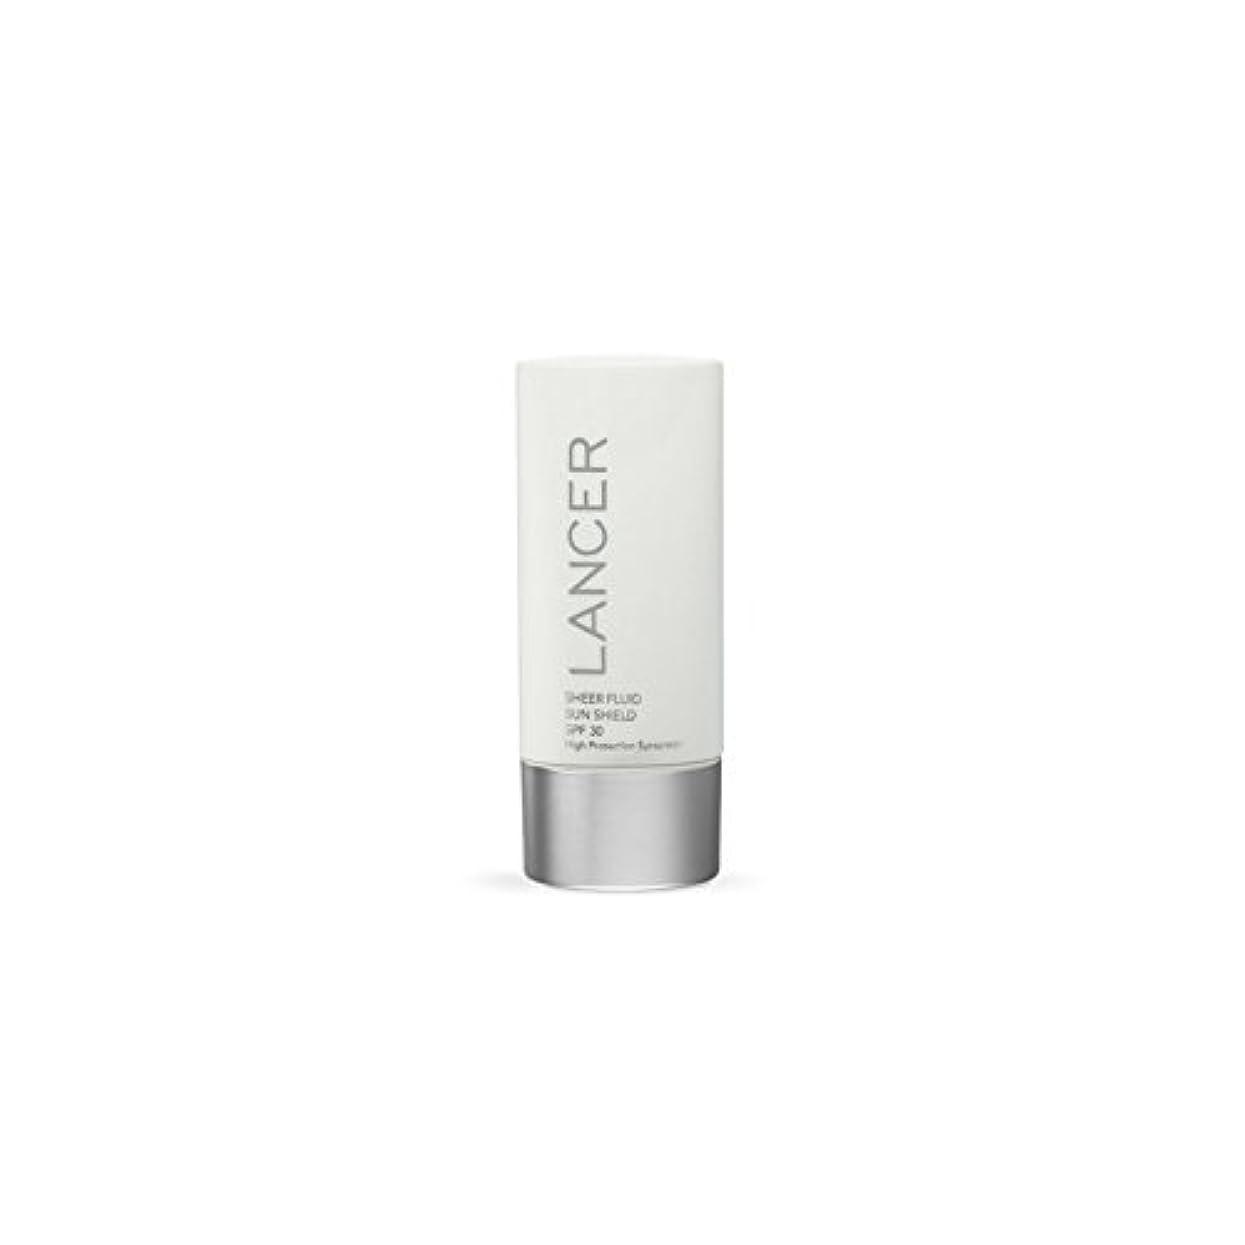 コピーチャート批判的Lancer Skincare Sheer Fluid Sun Shield Spf 30 (60ml) - ランサースキンケア切り立った流体サンシールド 30(60ミリリットル) [並行輸入品]